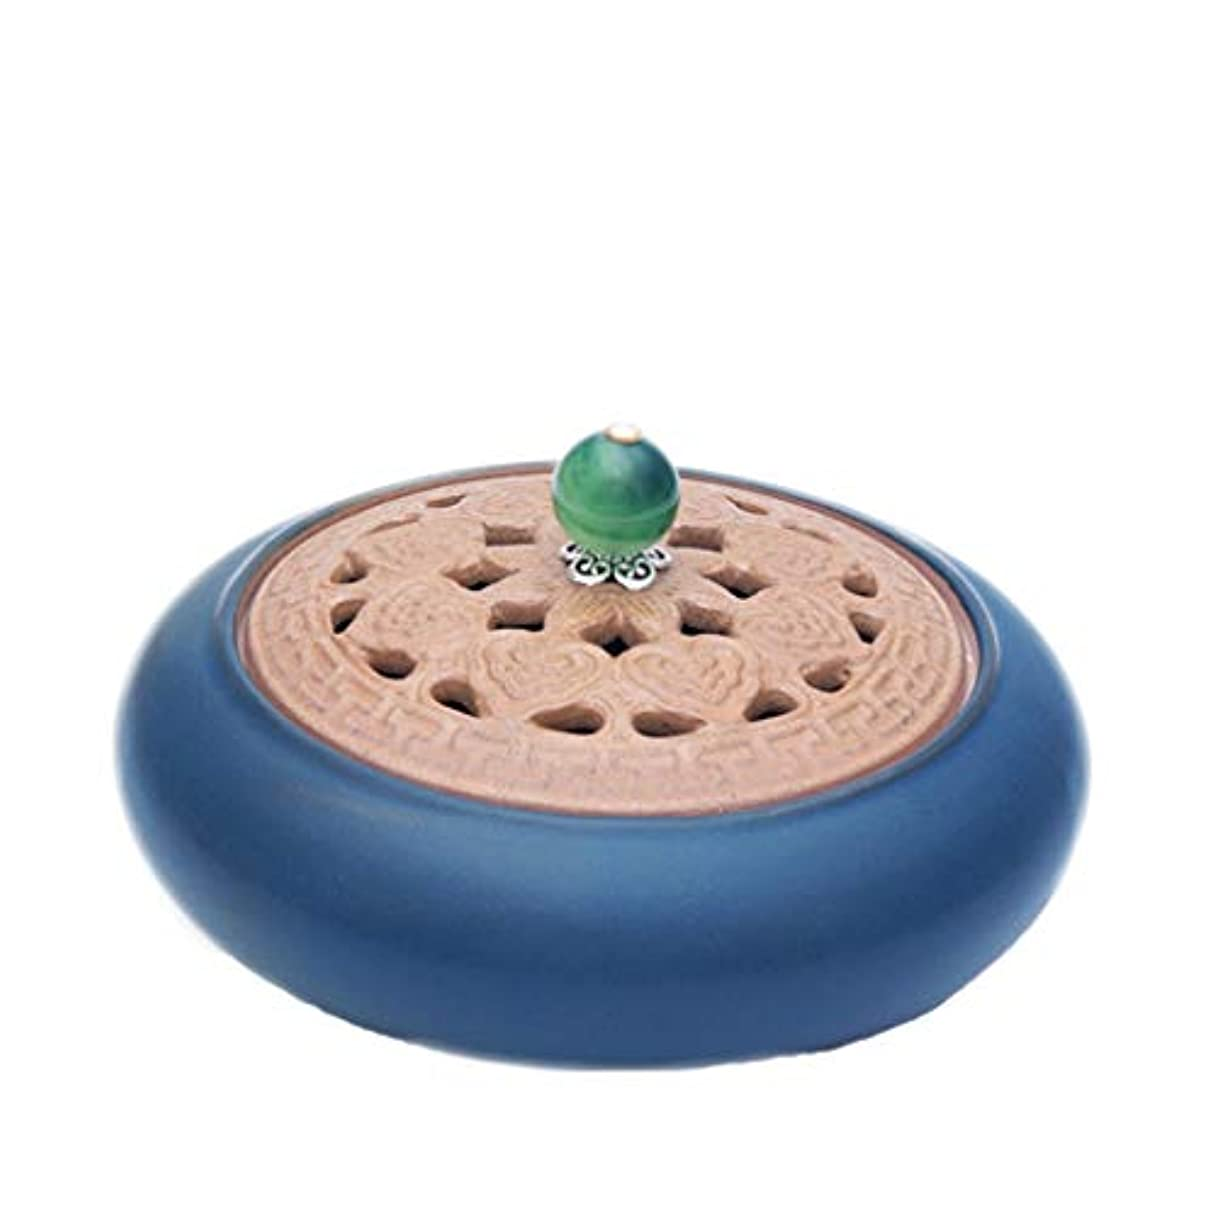 ディレイ王位バースト芳香器?アロマバーナー アンティークセラミック小さな香バーナーホームインドアガーウッドハース香純粋な銅白檀炉アロマテラピー炉 アロマバーナー (Color : Green)